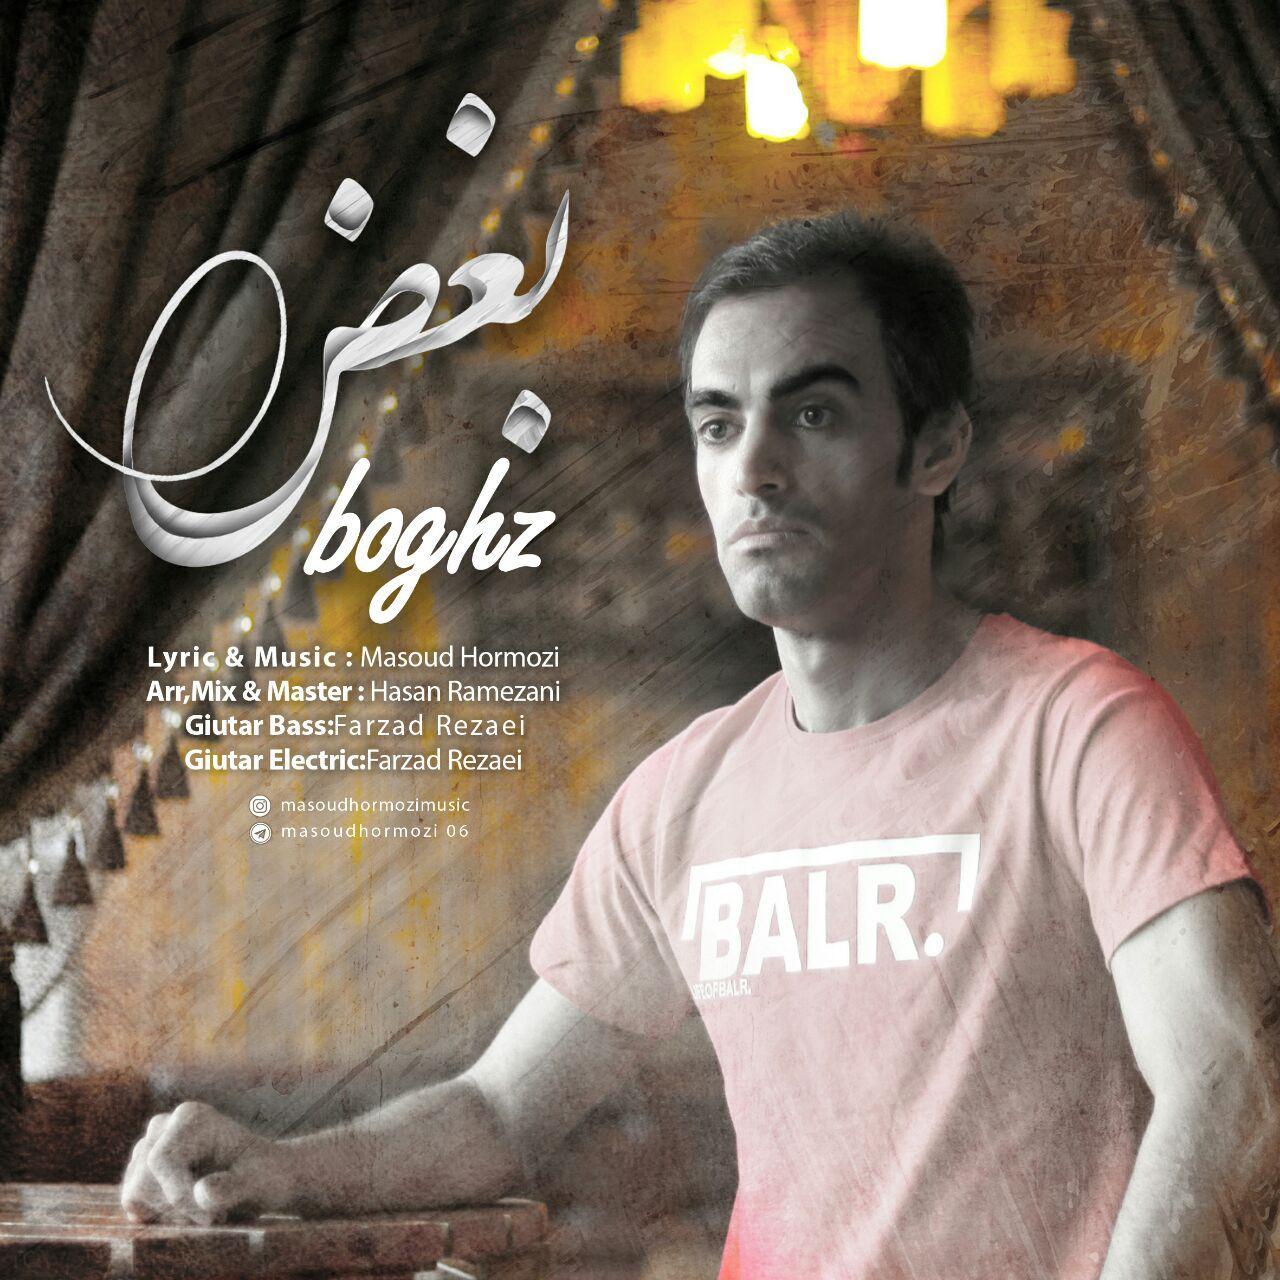 Masoud Hormozi – Boghz